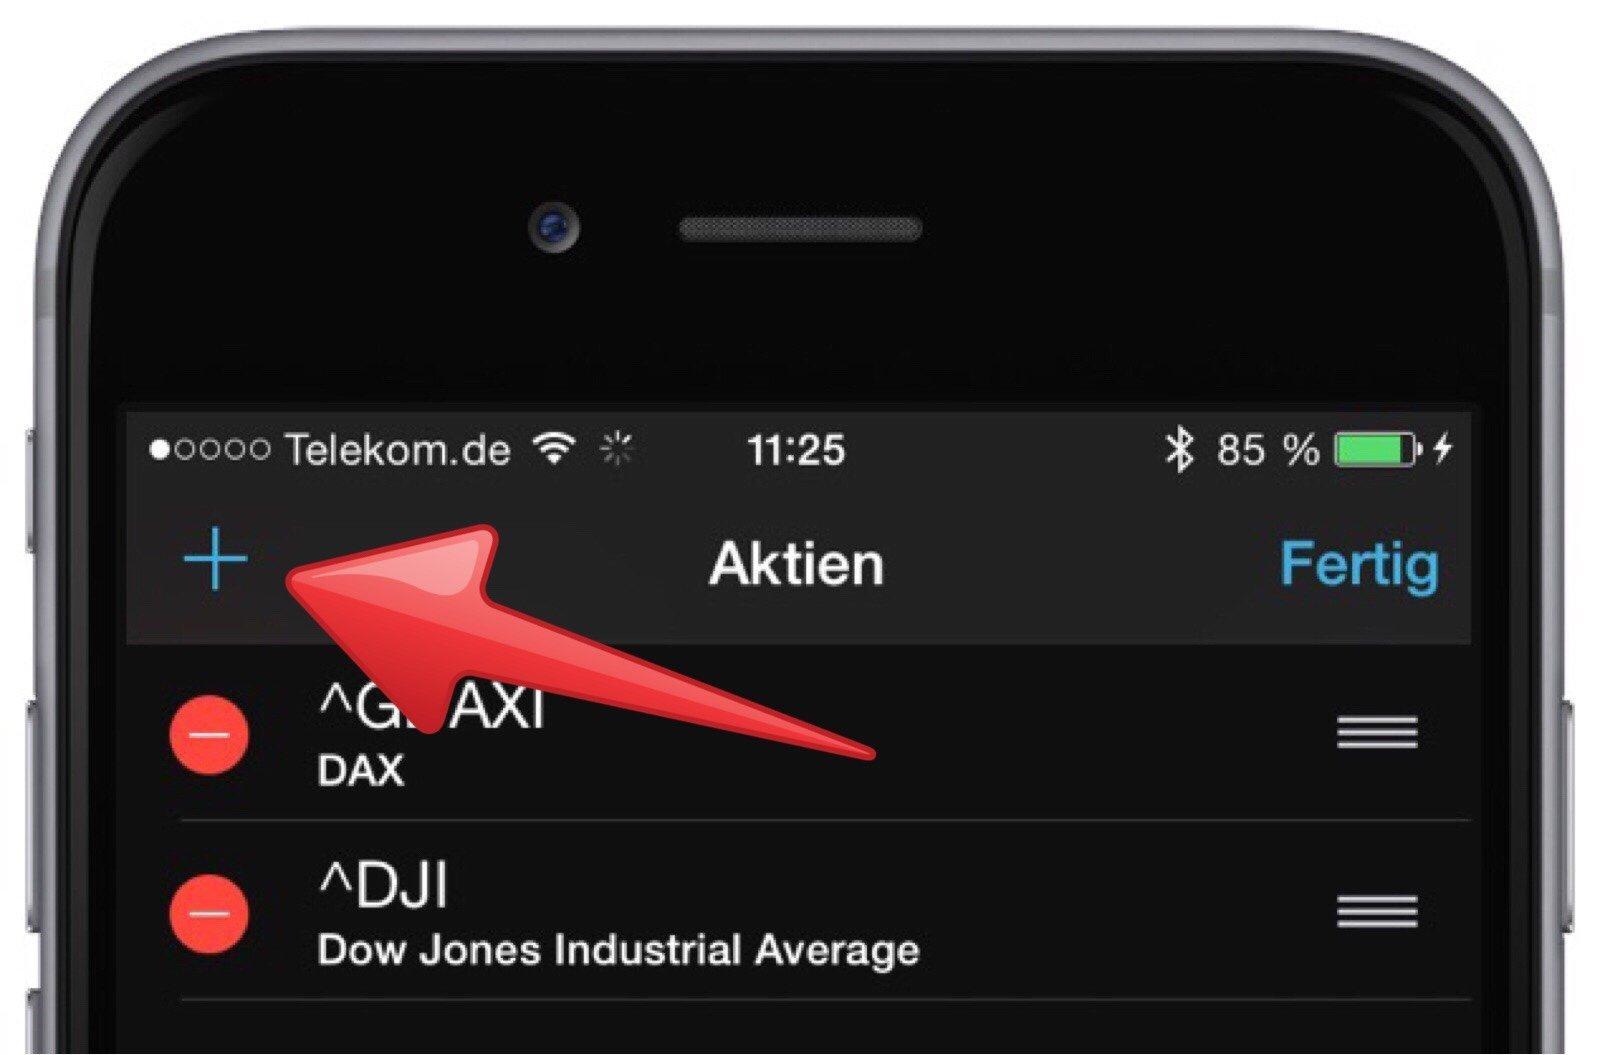 iPhone-Geldtausch-Aktien-App-Geldumtausch-Umtausch-tauschen-umrechnen-Währung-Währungskurs-3.jpg